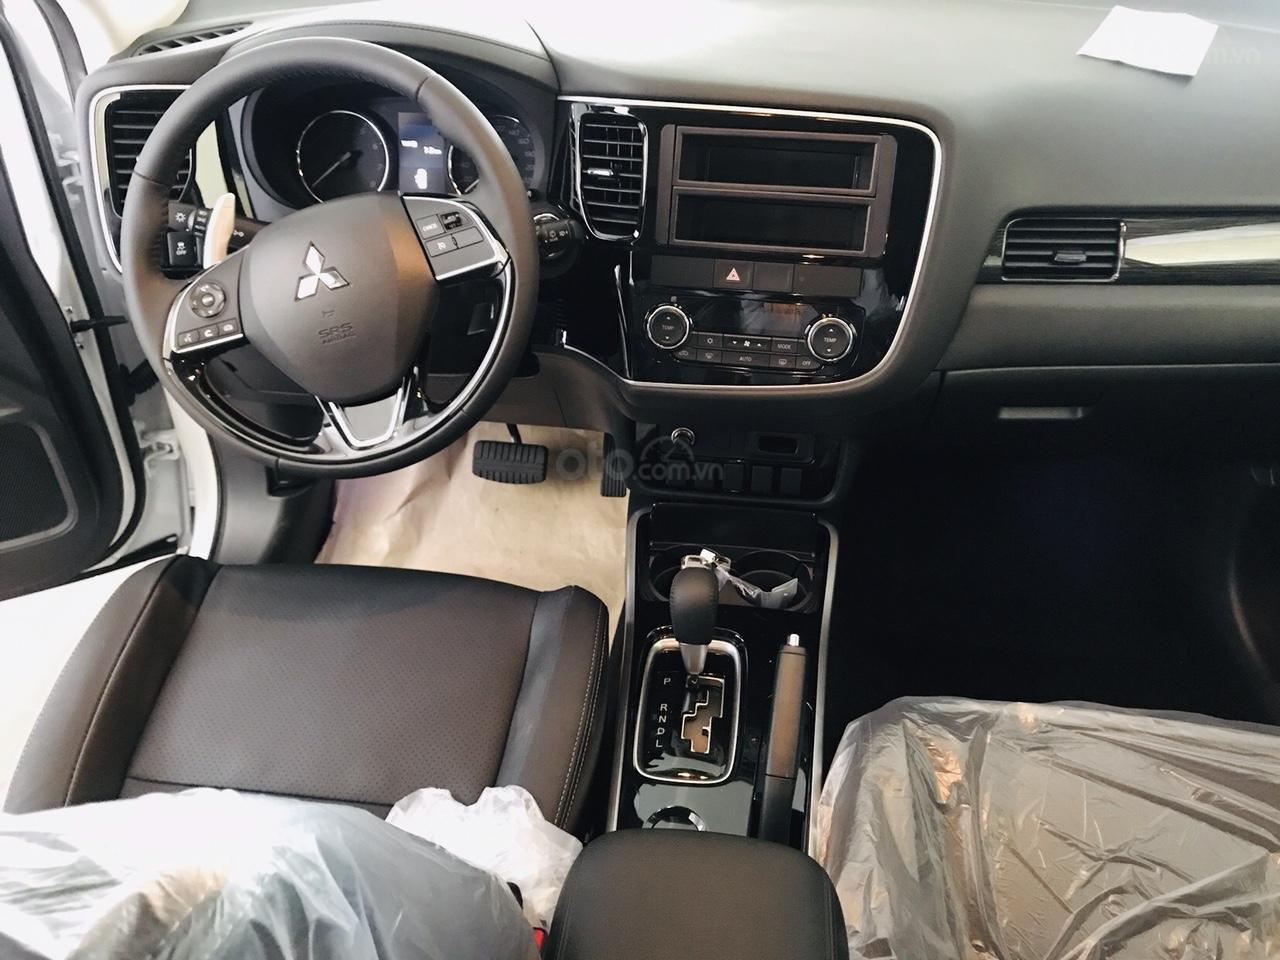 Mitsubishi Outlander 2.0 CVT Premium 2019, màu trắng, hỗ trợ 80%. Liên hệ 0969 496 596 để nhận thêm ưu đãi (8)